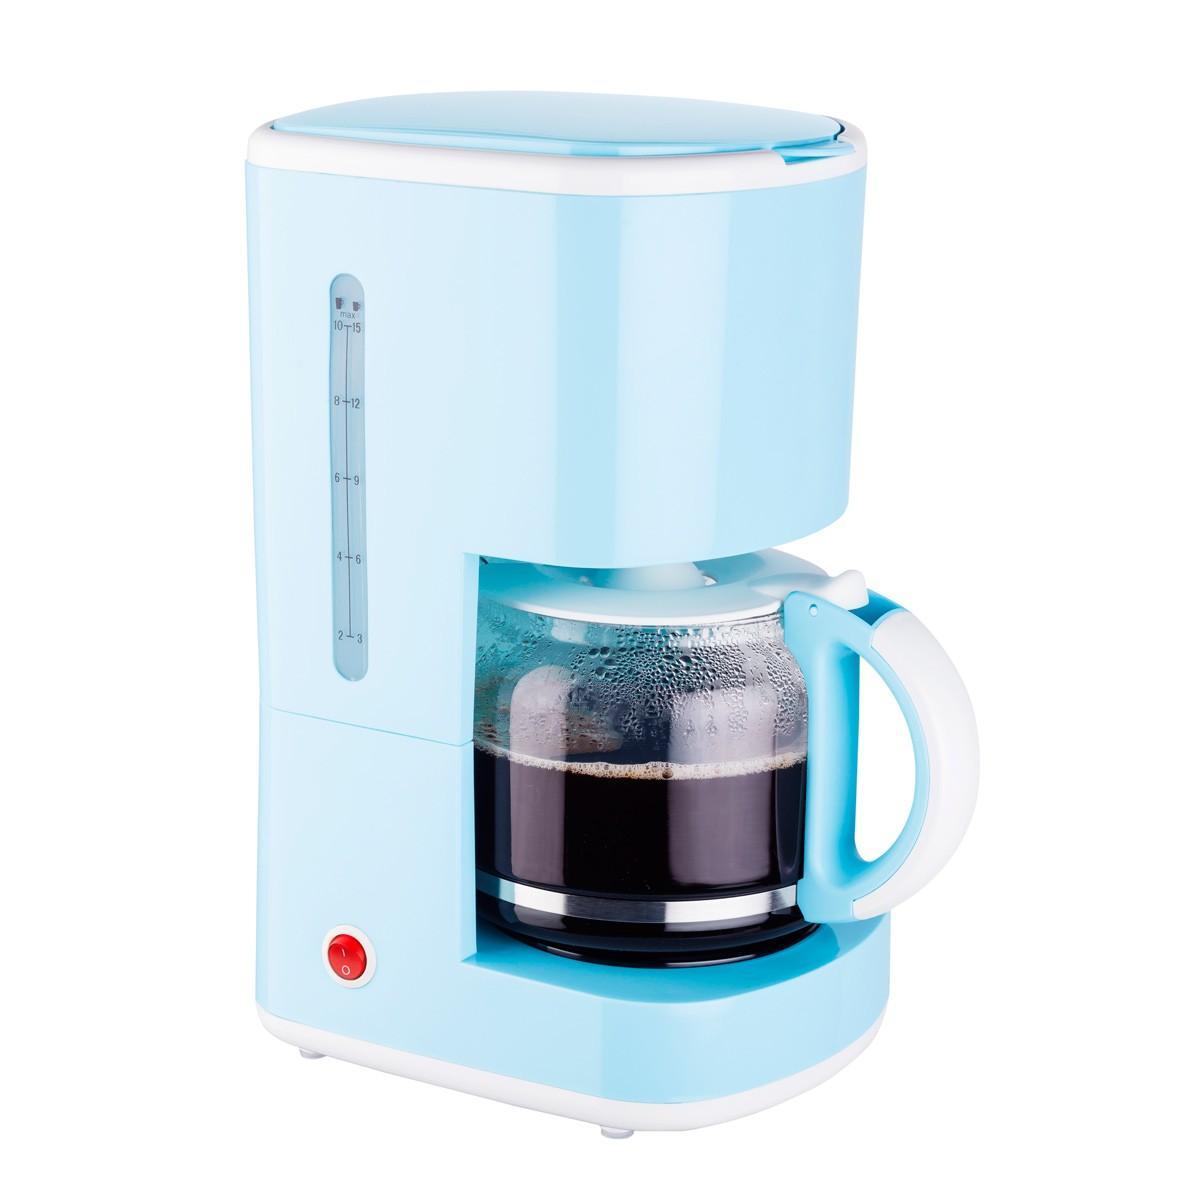 1pc rostfritt stål kaffebryggare portabla kaffebryggare med